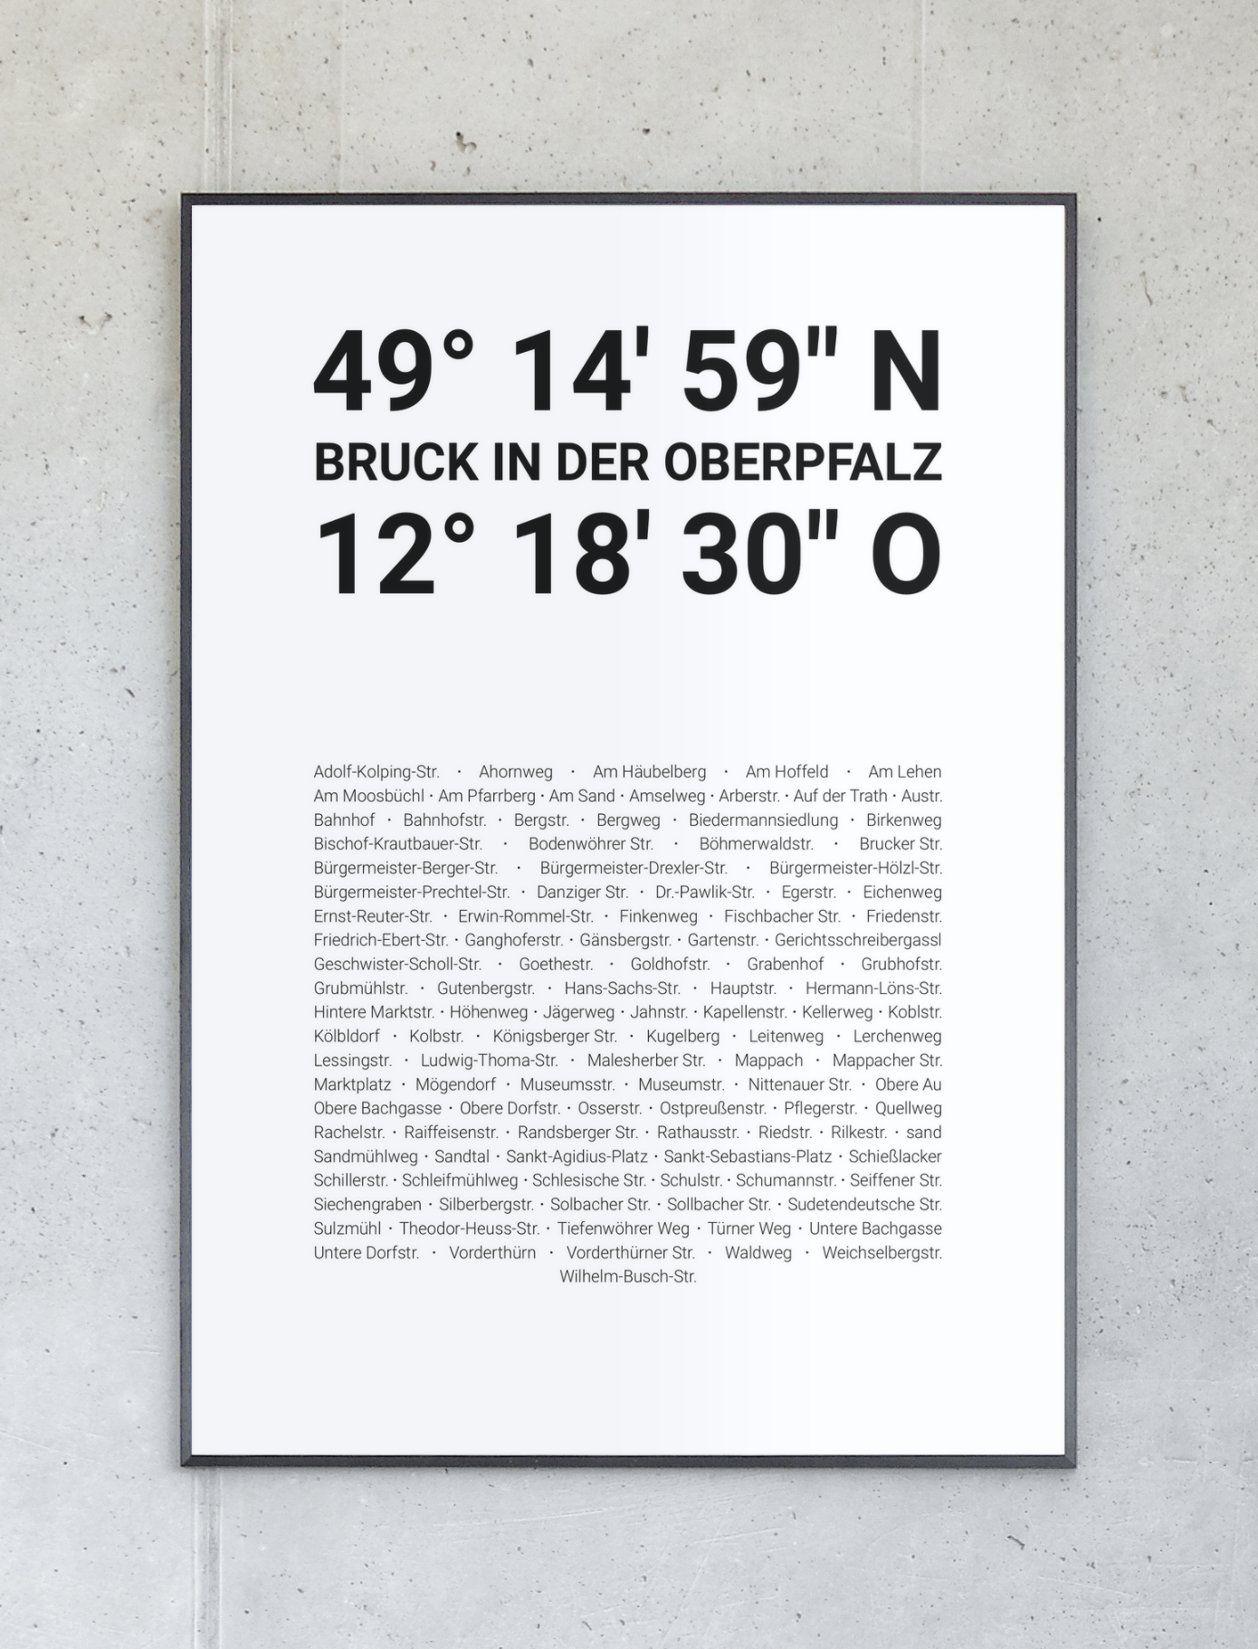 Koordinaten Poster Von Bruck In Der Oberpfalz Koordinaten Weisswasser Lauffen Am Neckar